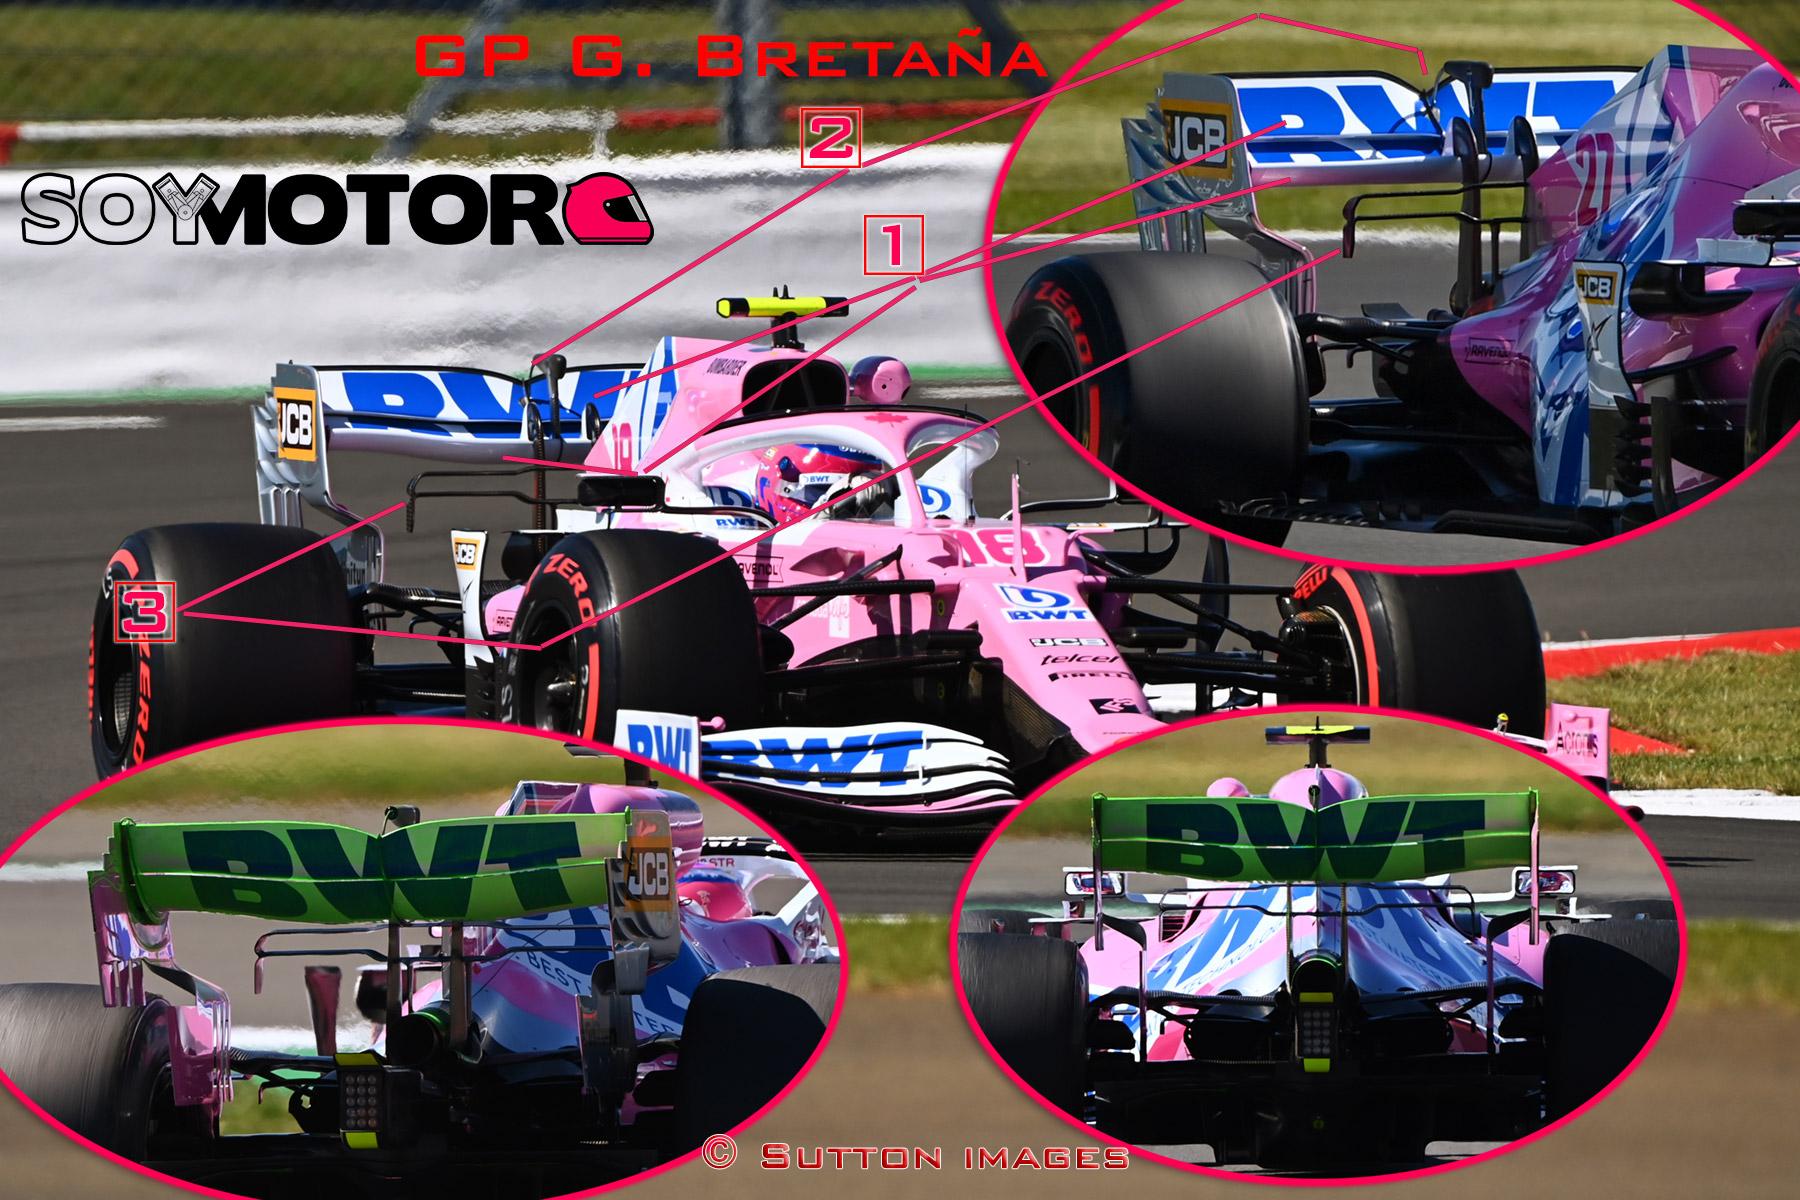 racing-point-aleron-trasero-cuchara-y-parafina.jpg